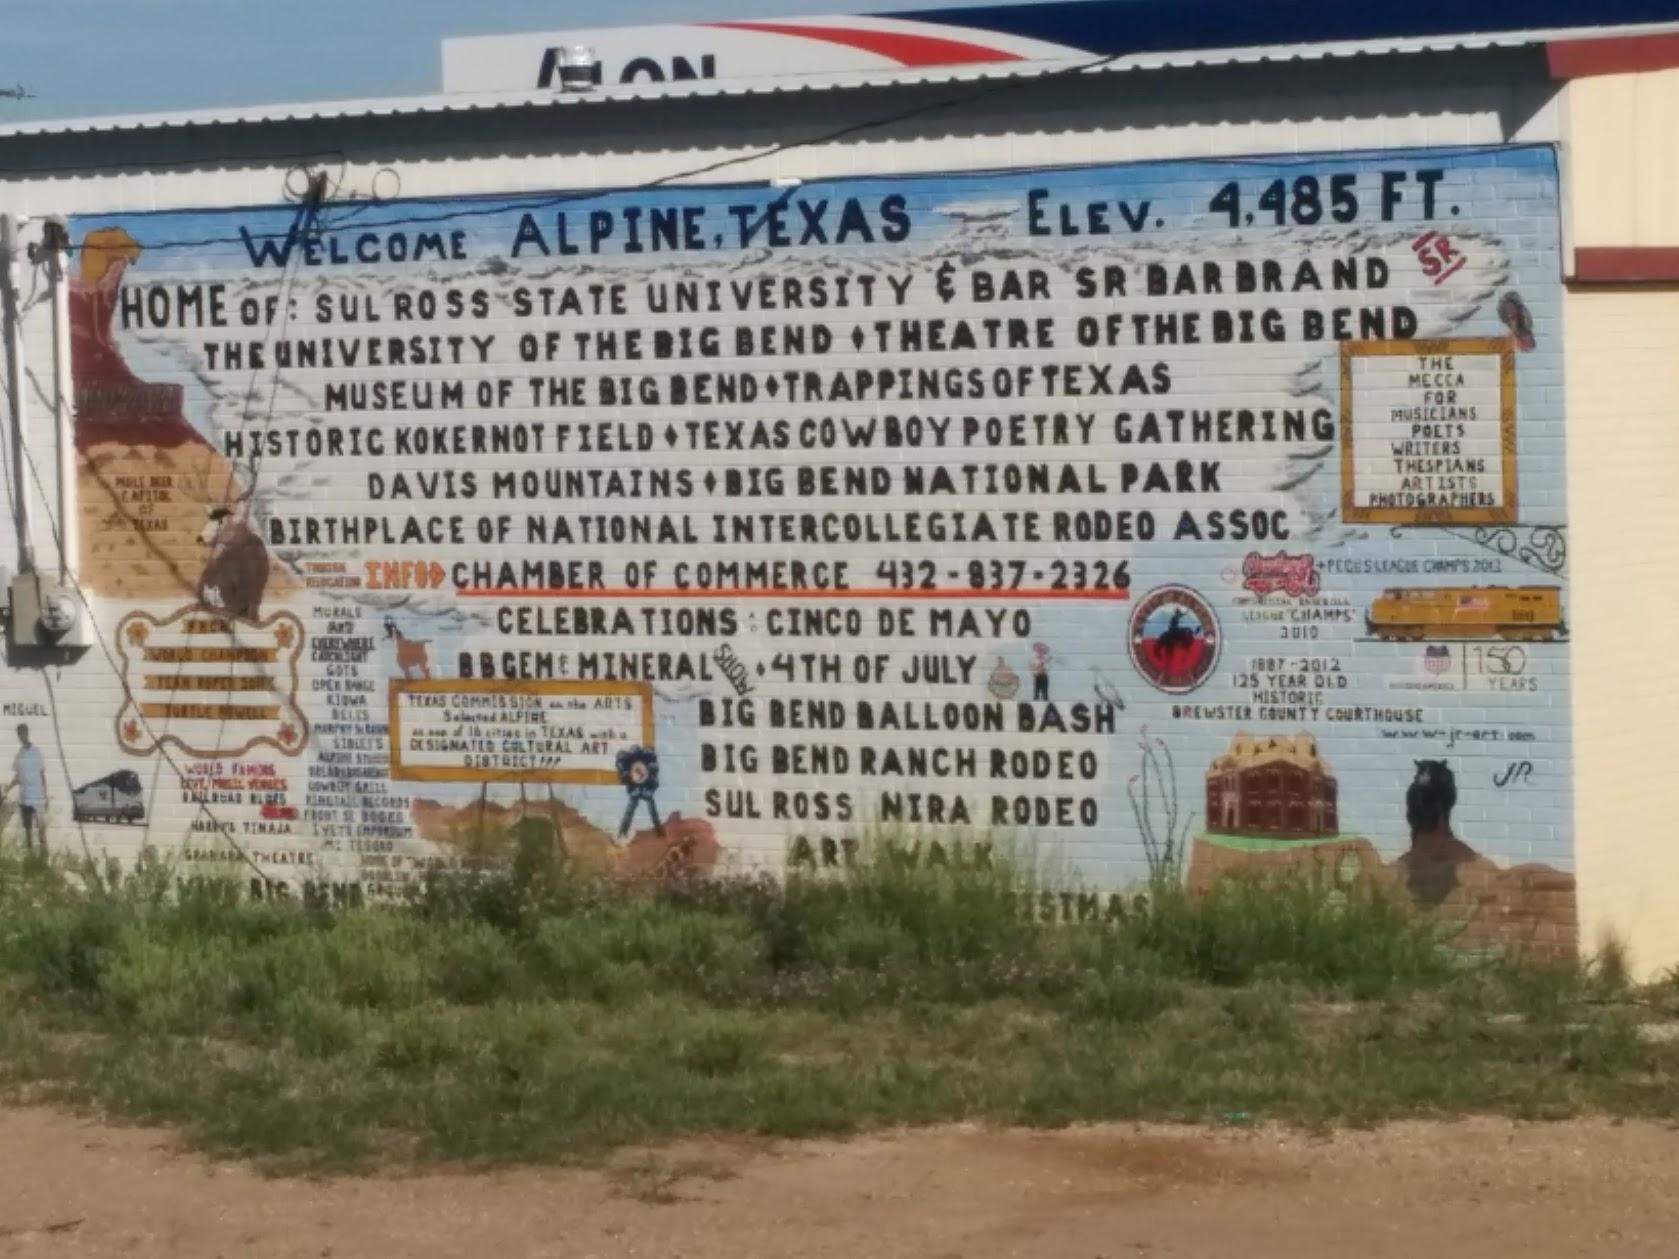 High altitude Texas.